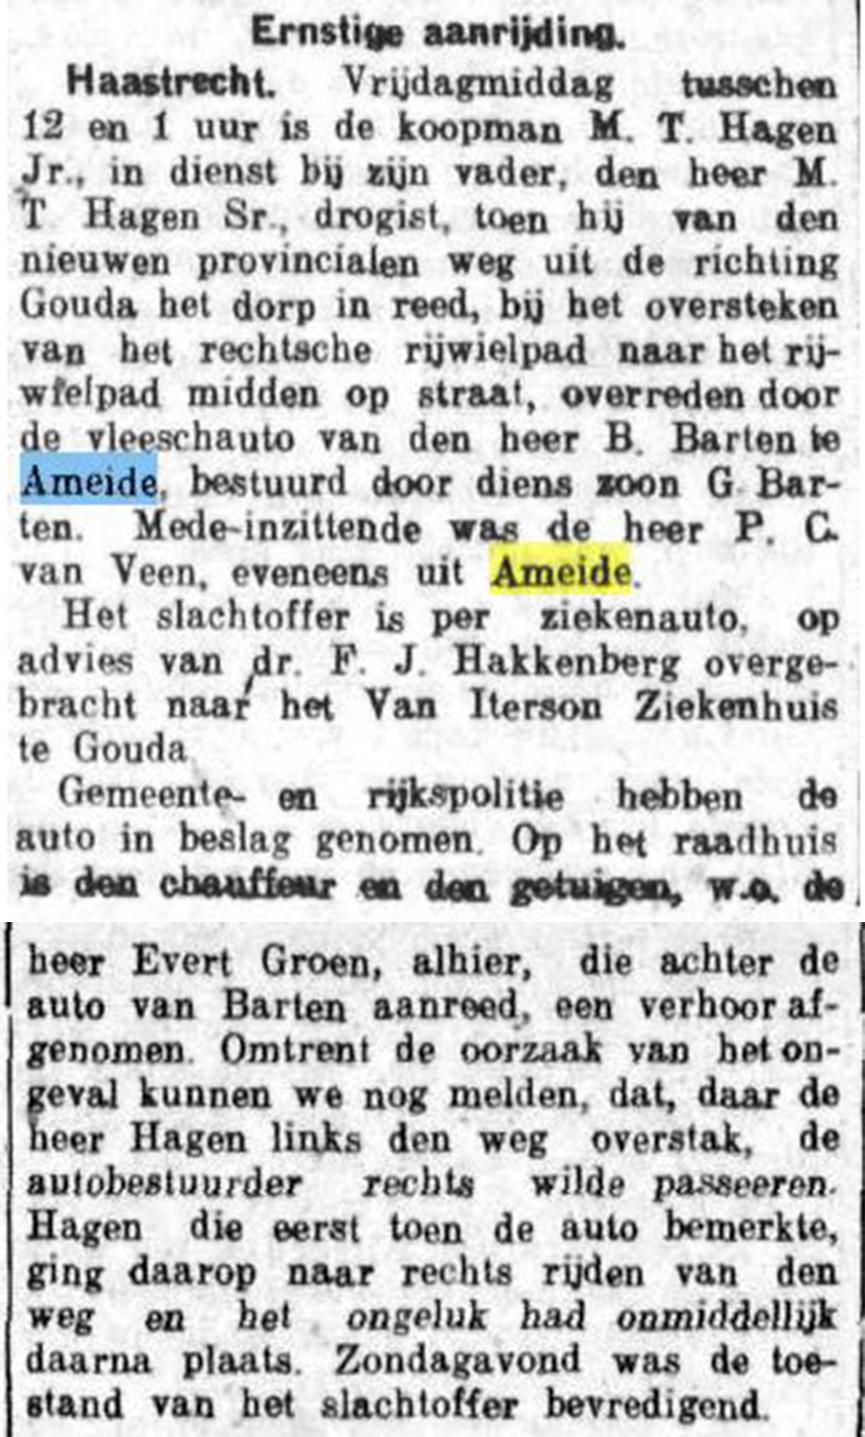 Schoonhovensche Courant 07766 1937-02-01 artikel 02